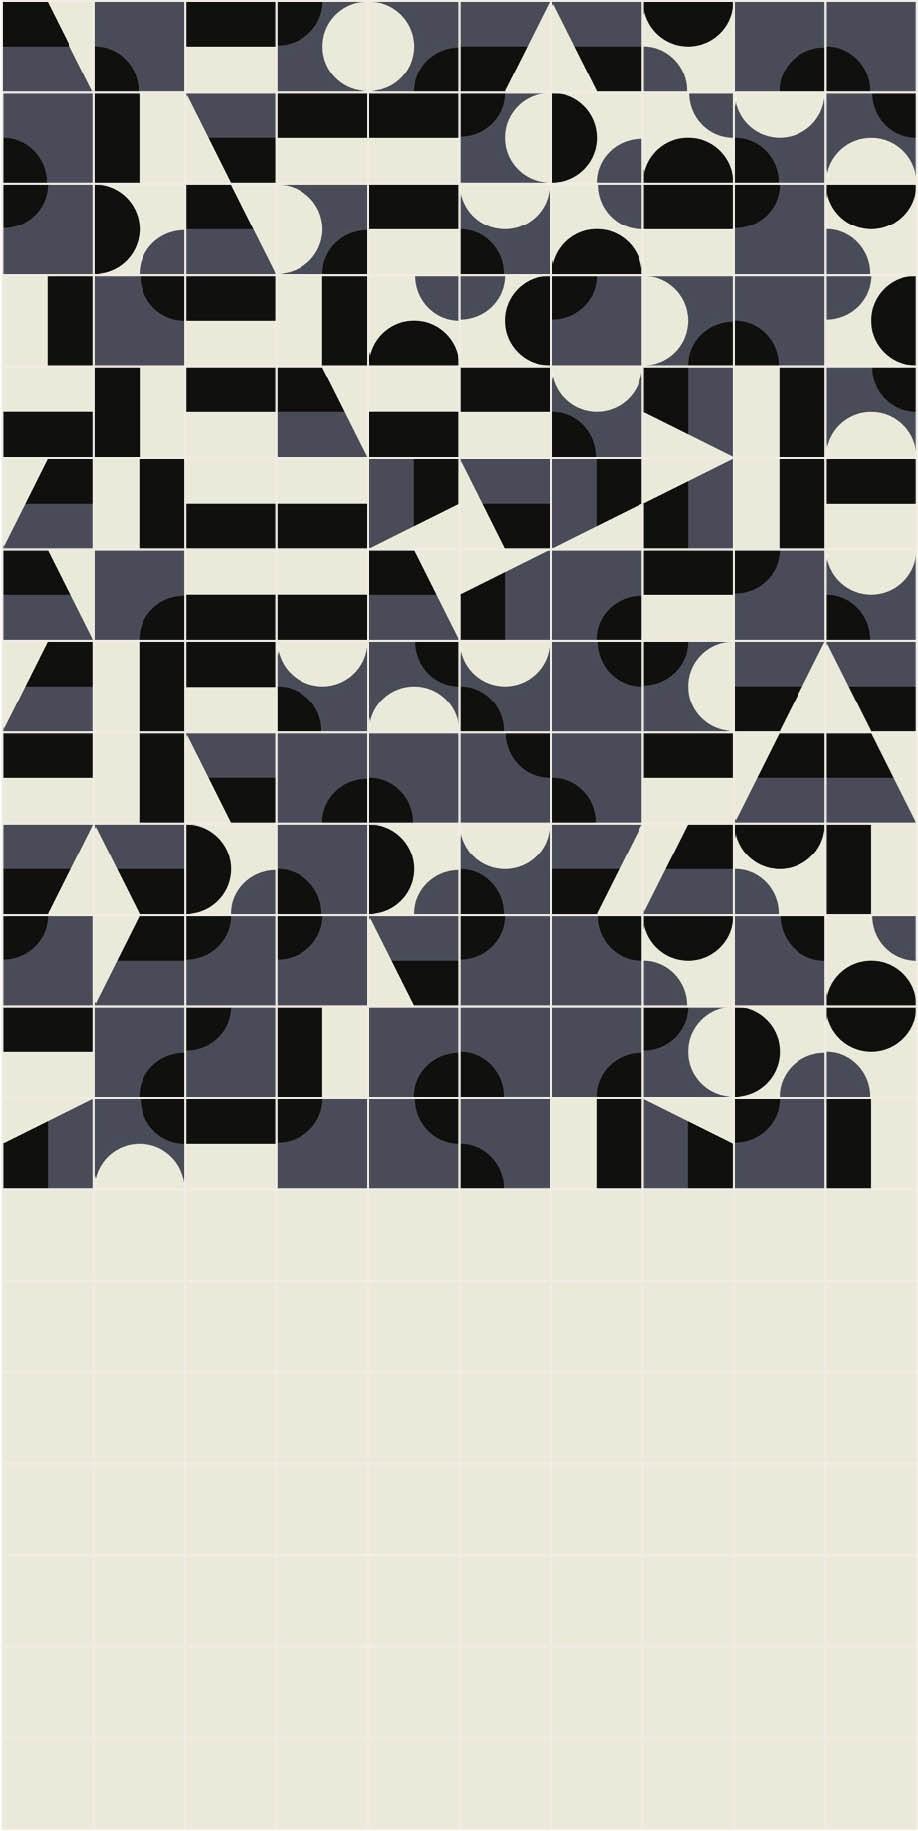 Revêtement De Sol/mur En Grès Cérame Émaillé Puzzle destiné Puzzle Gratuit Pour Fille De 3 Ans